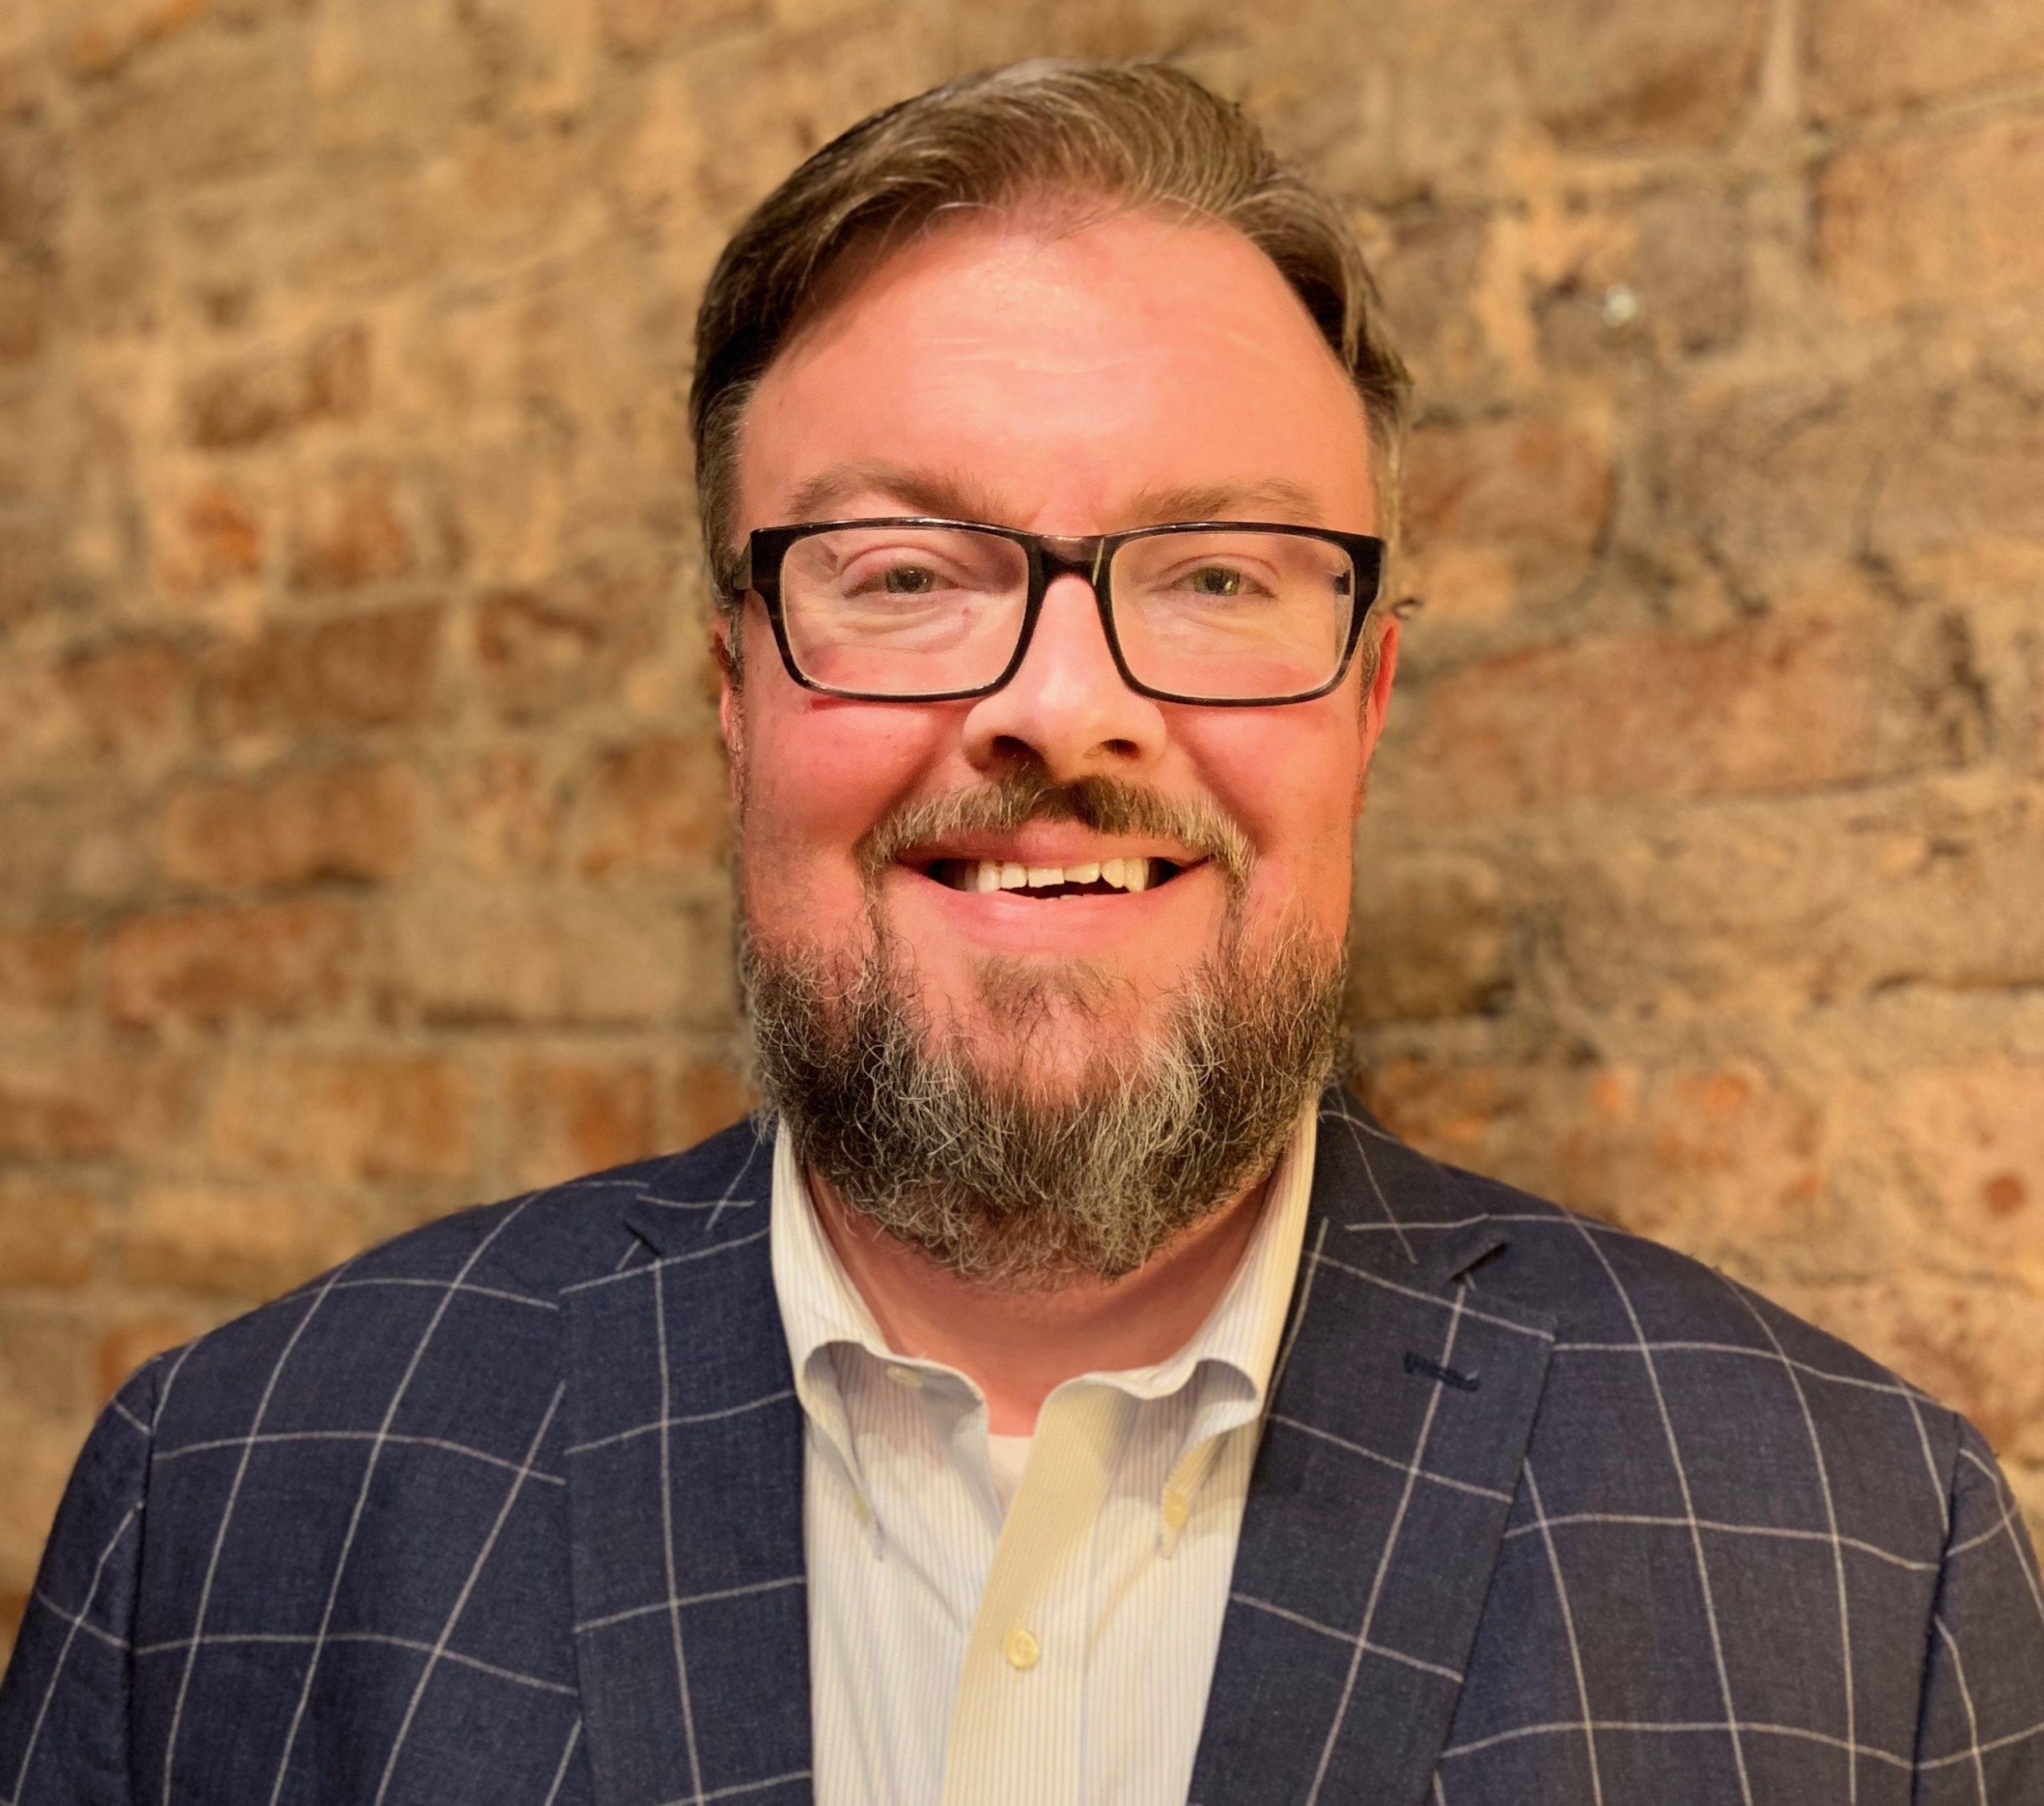 Scott Phillips Headshot